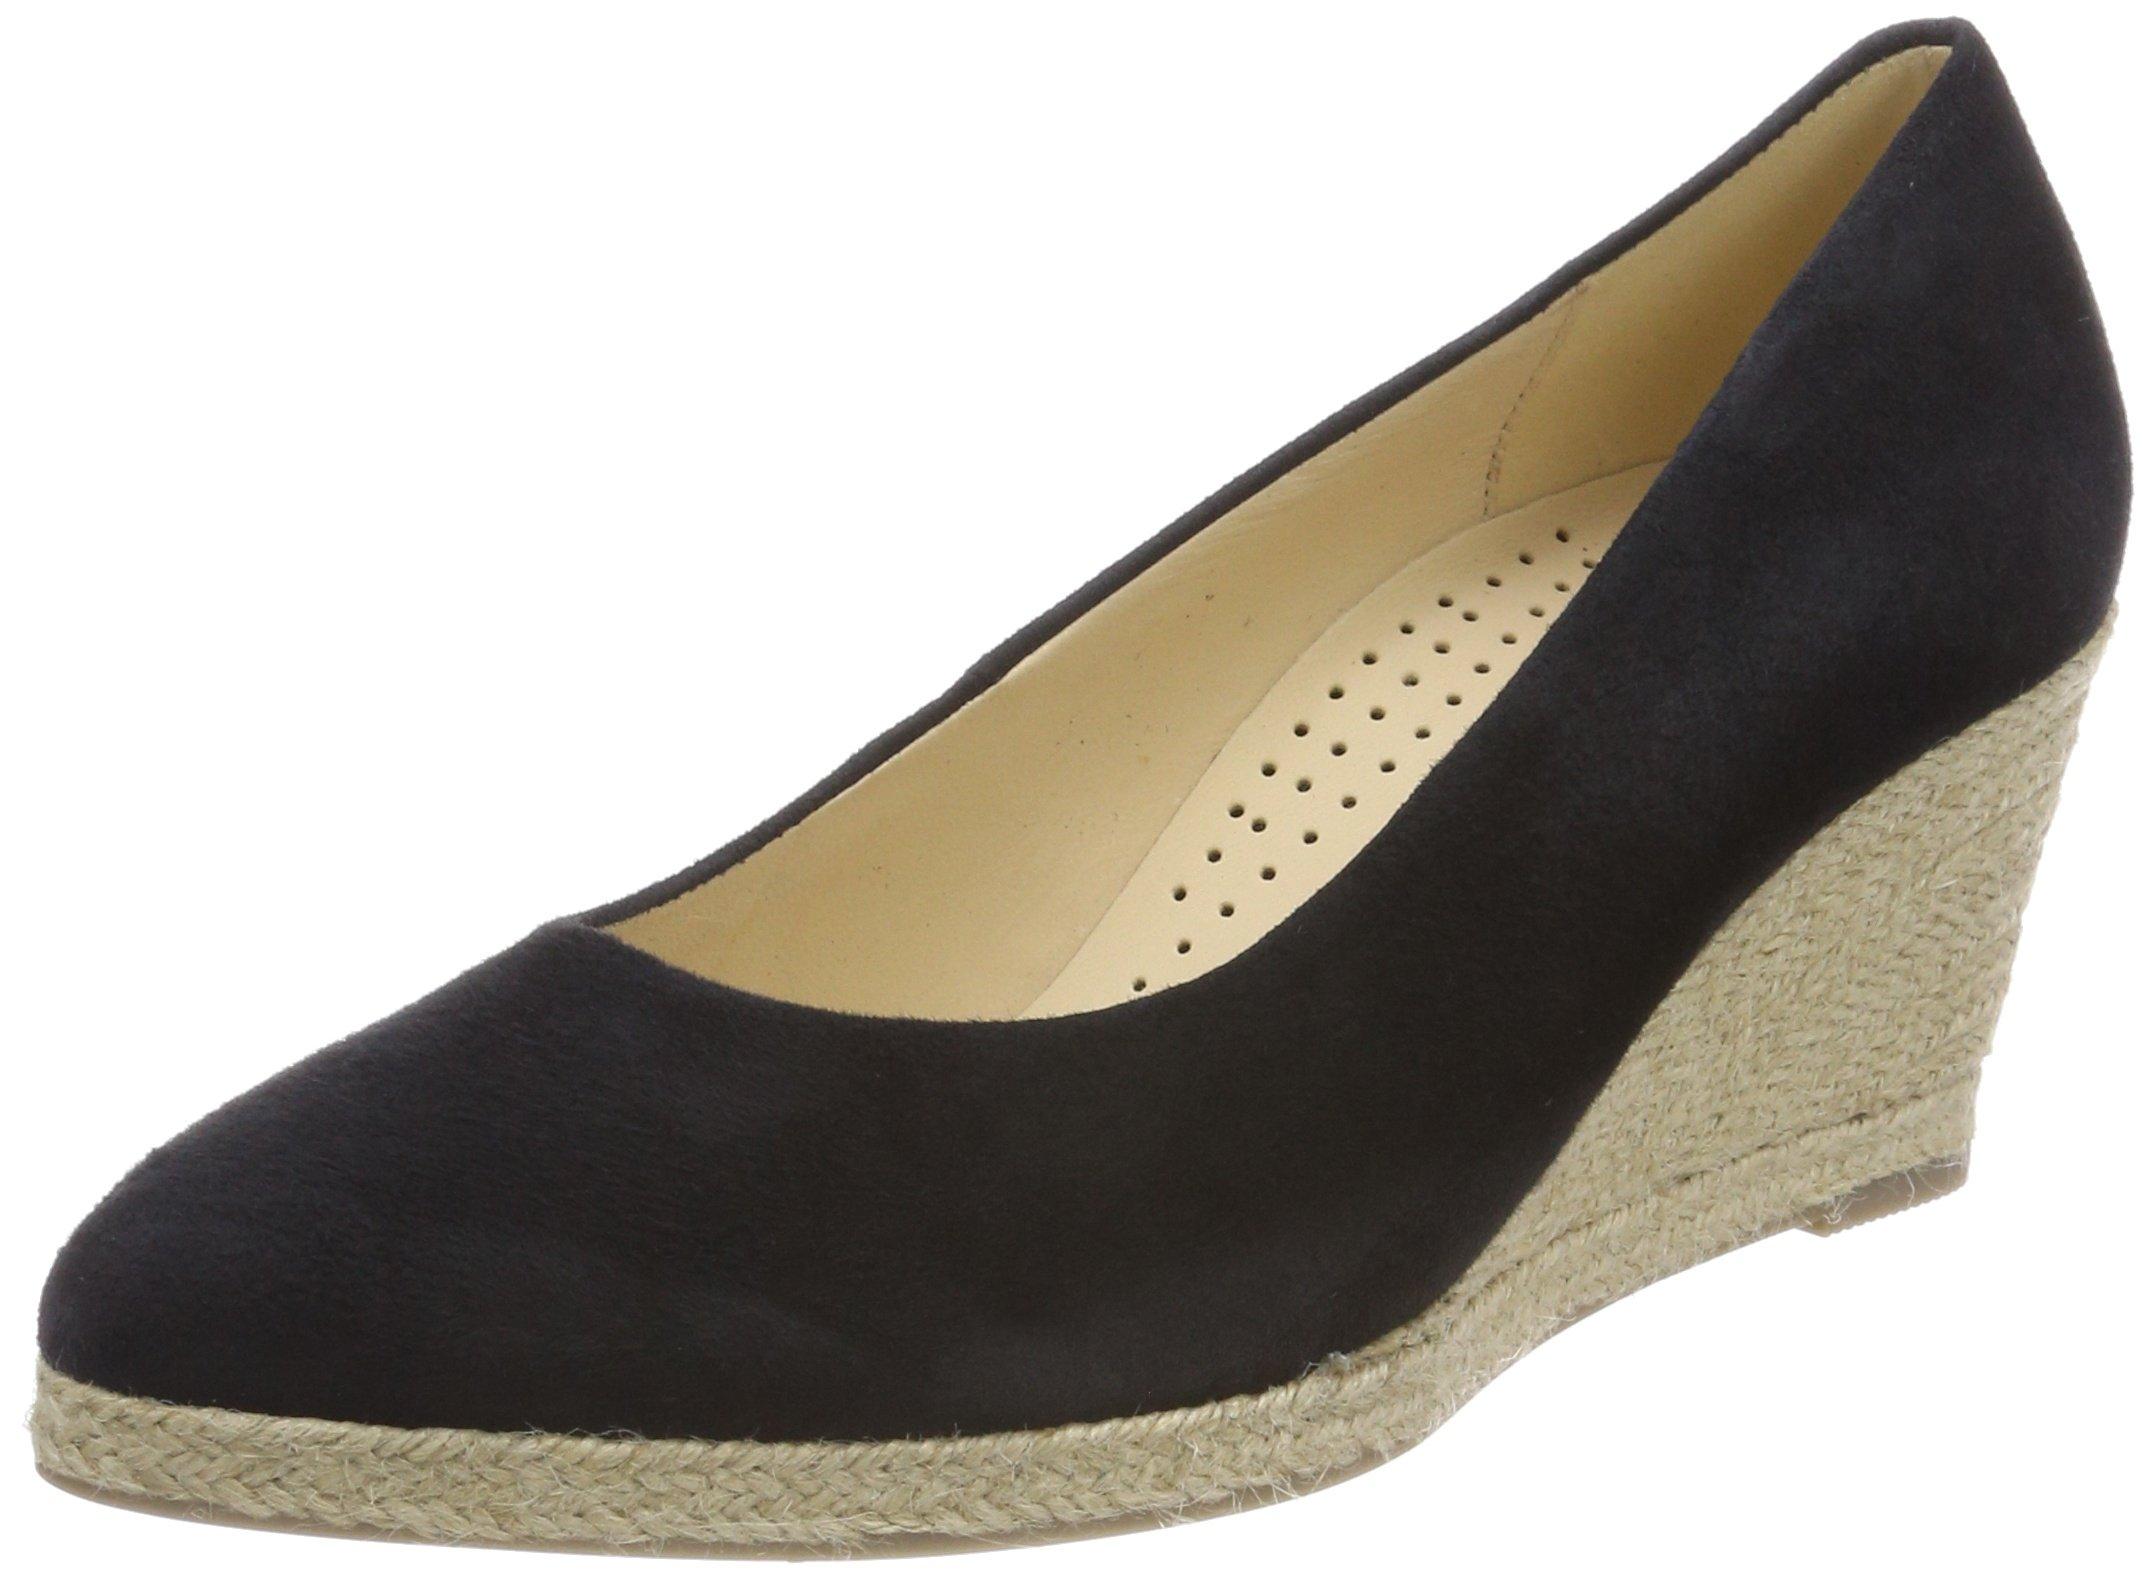 Gabor CasualEscarpins FemmeBleupazifik42 Eu Shoes Gabor Shoes Shoes CasualEscarpins Gabor CasualEscarpins Eu FemmeBleupazifik42 0OnwkP